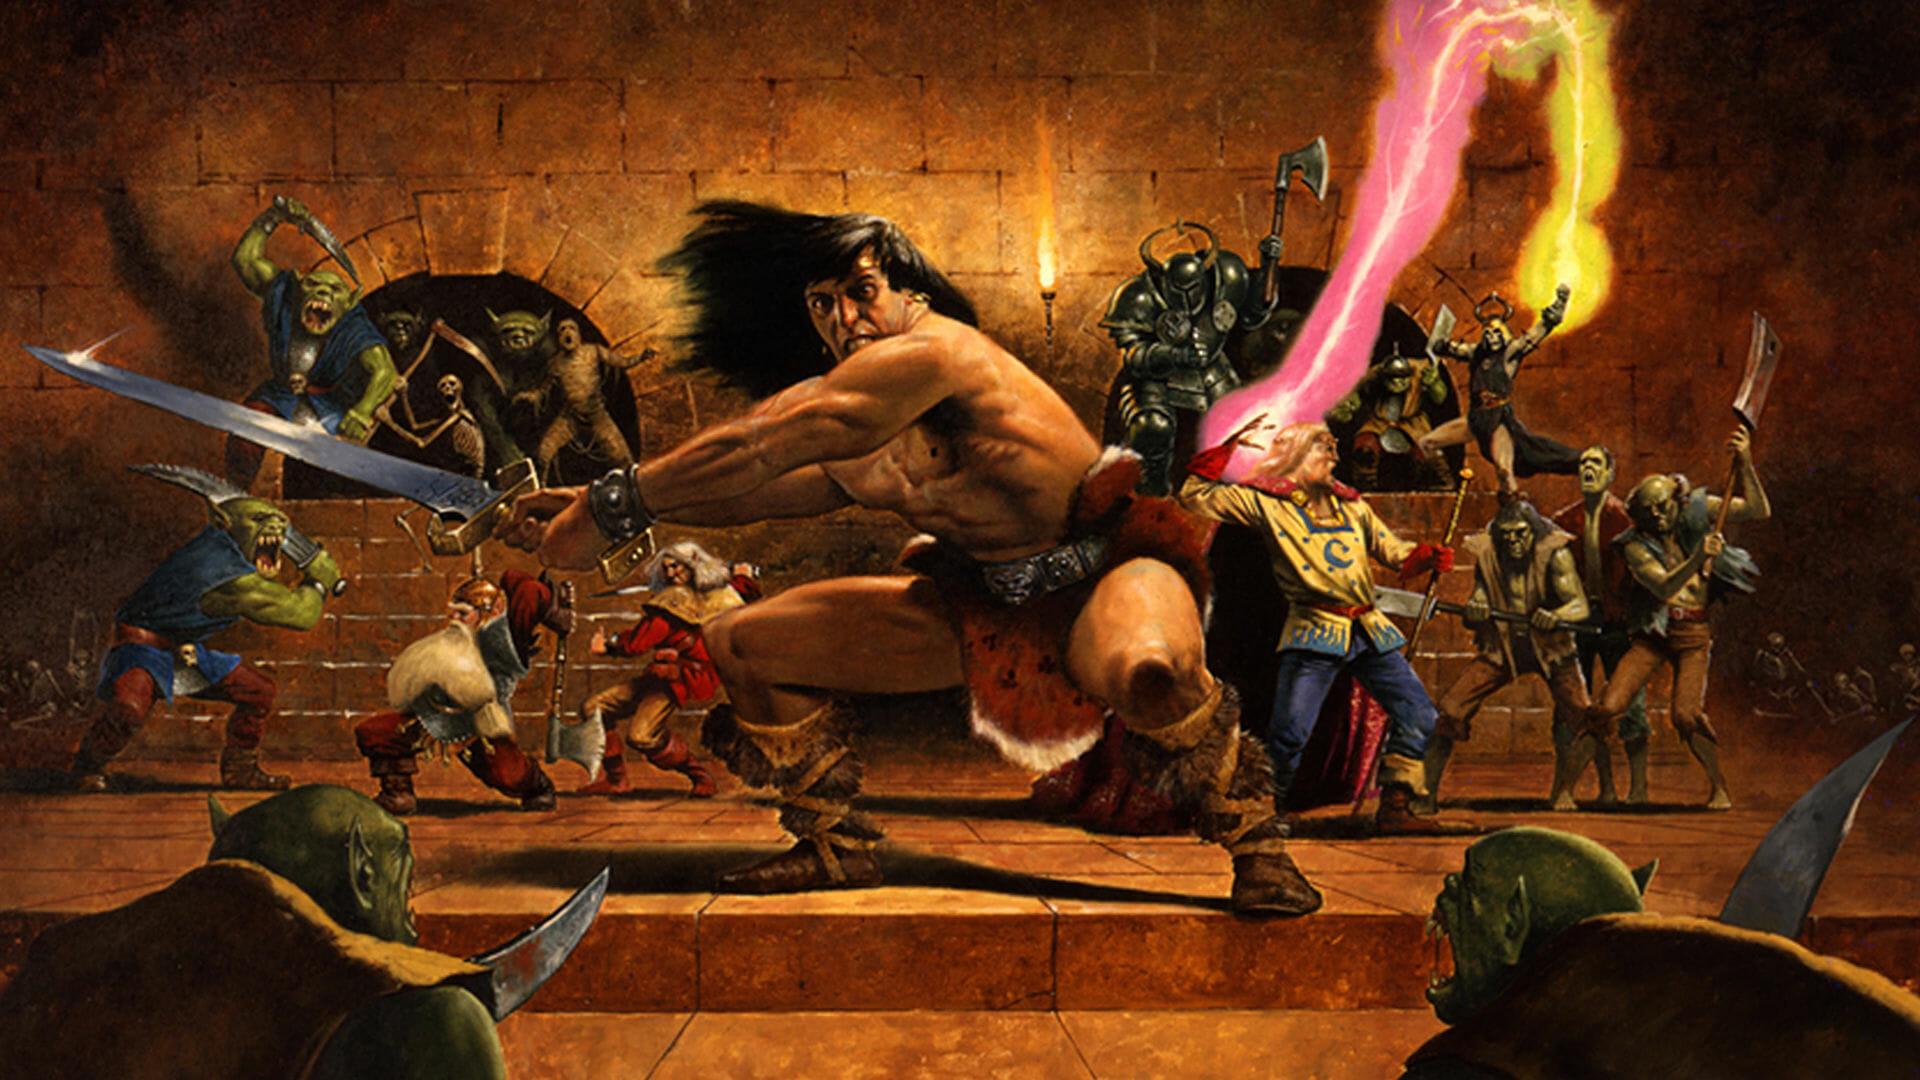 heroquest-board-game-artwork-les-edwards.jpg